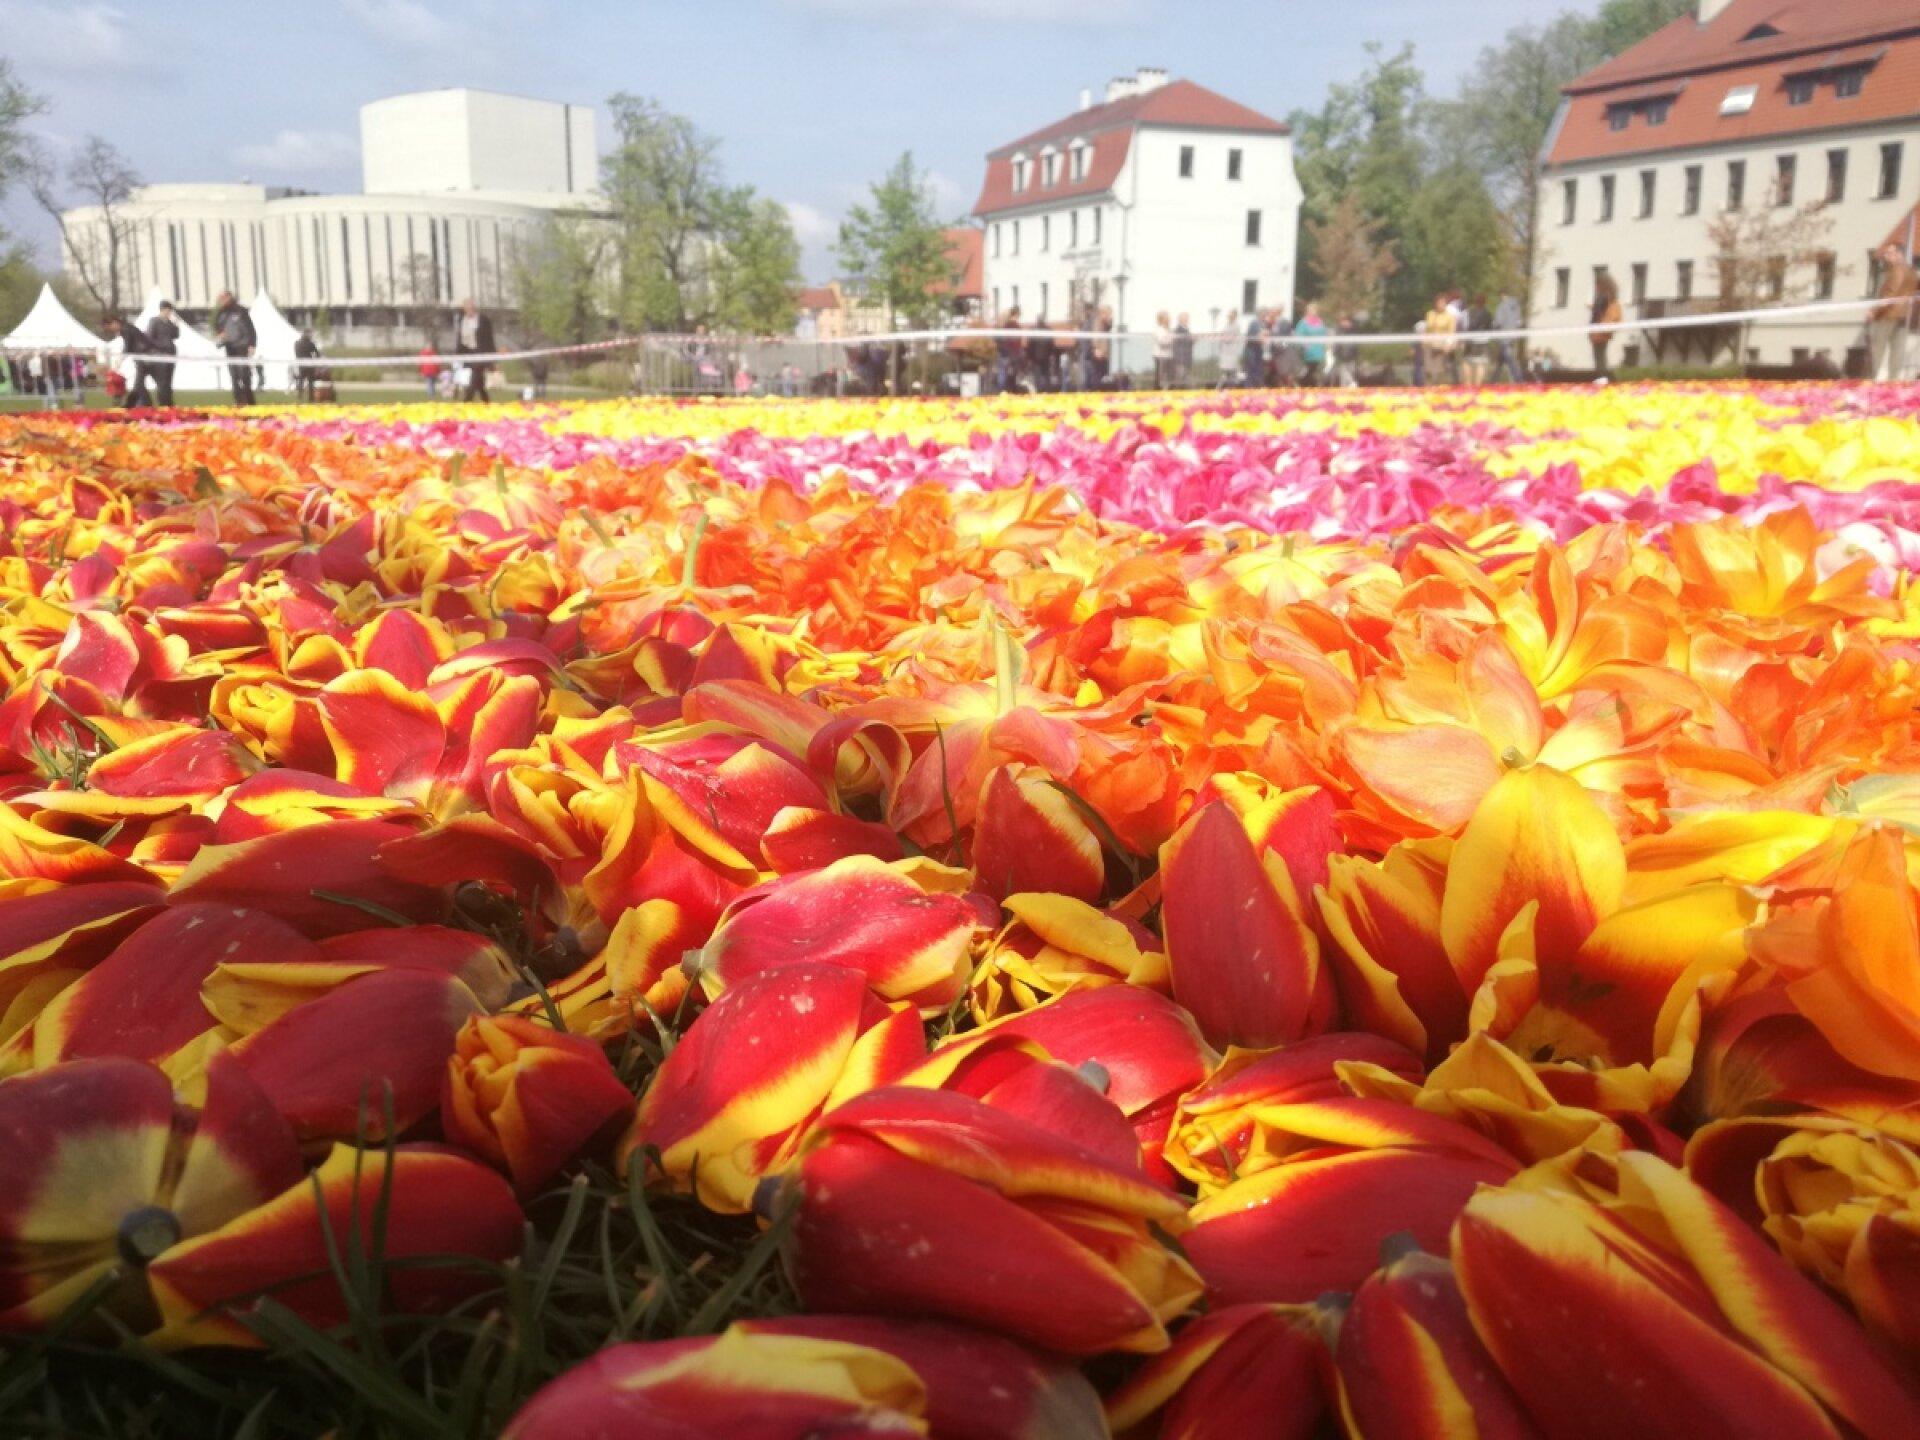 Kwiatowy Dywan Na Wyspie Młyńskiej W Bydgoszczy Alina C